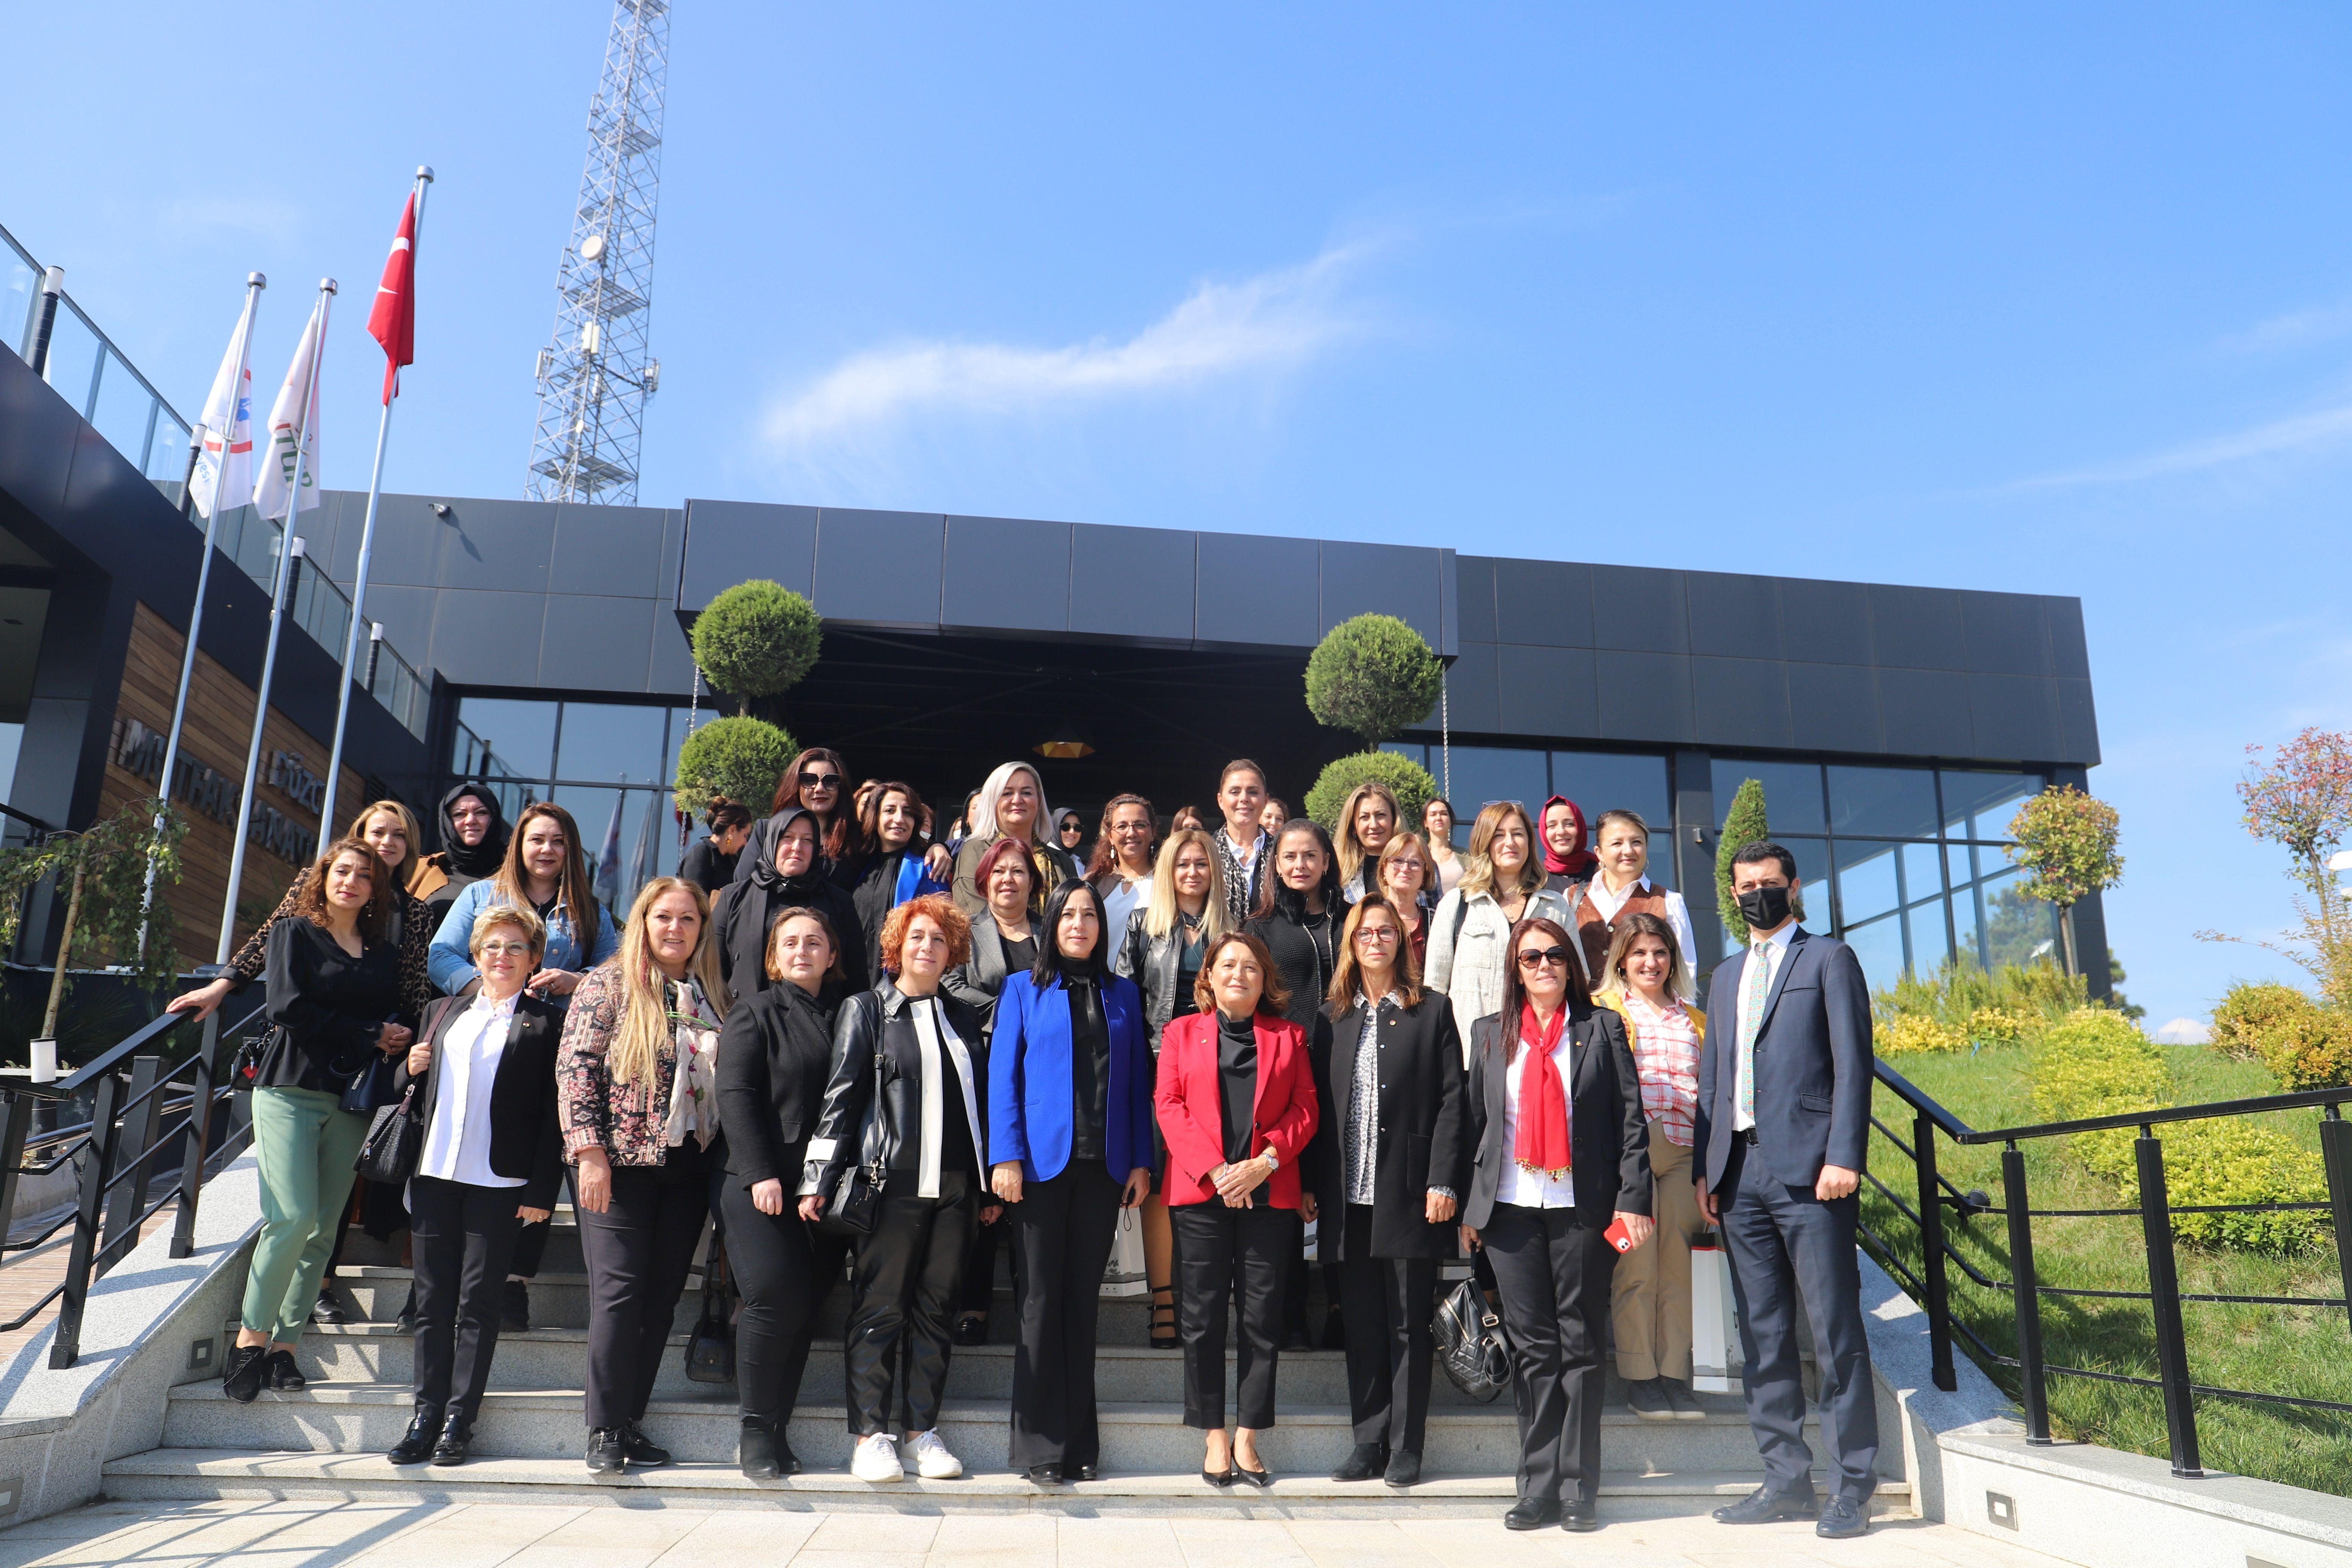 TOBB KGK Doğu Marmara Bölge Toplantısı Gerçekleştirdi